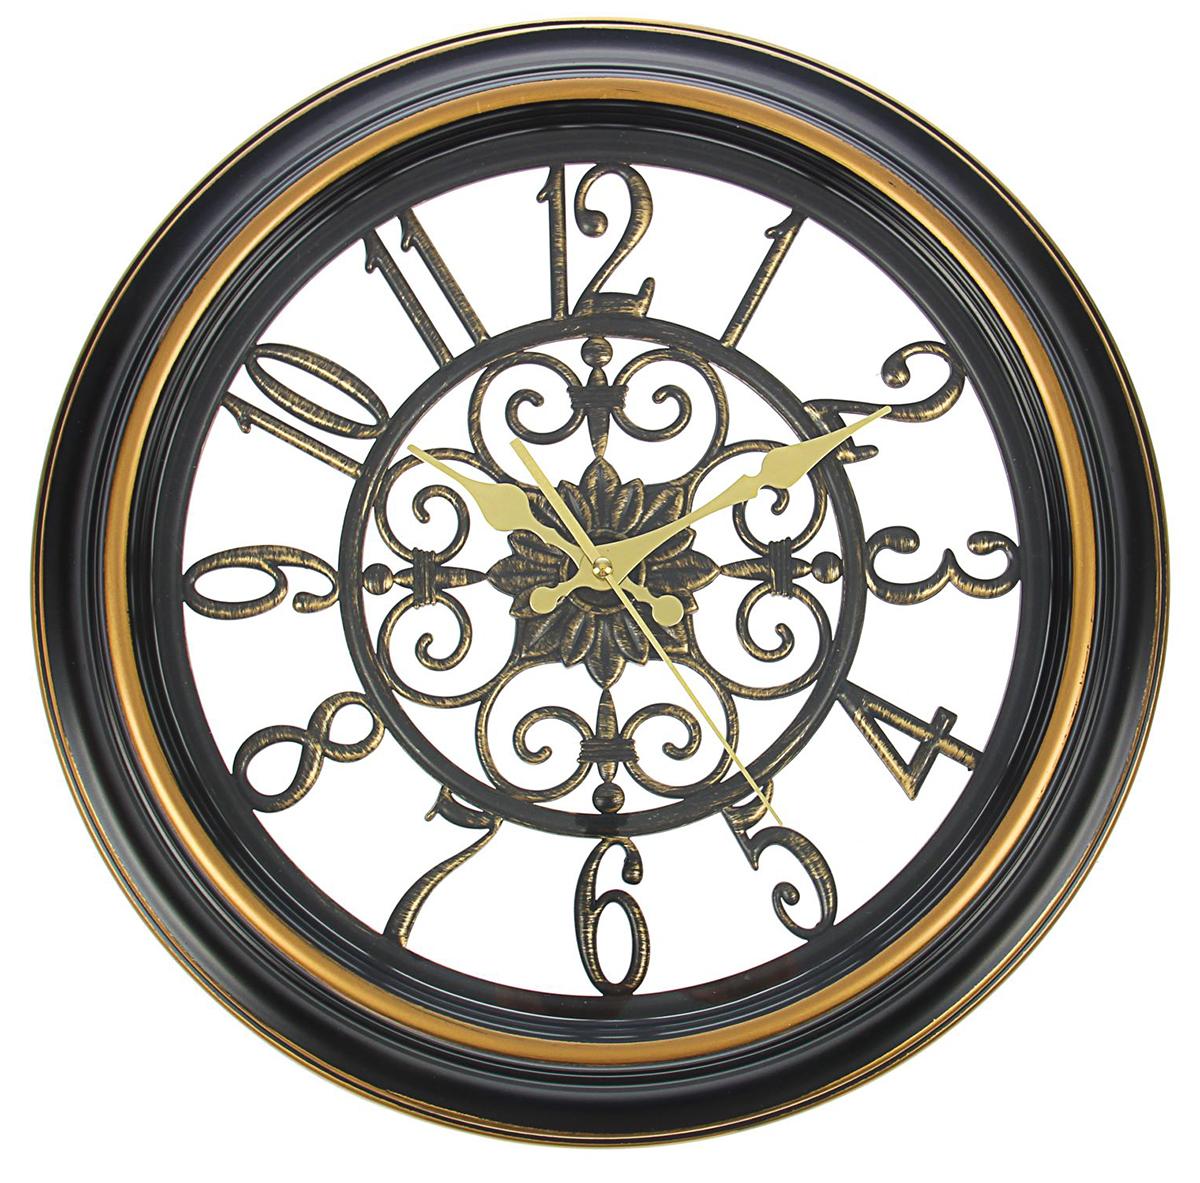 Часы настенные Цифры, цвет: черный, диаметр 40 см1104412Каждому хозяину периодически приходит мысль обновить свою квартиру, сделать ремонт, перестановку или кардинально поменять внешний вид каждой комнаты. Часы настенные интерьерные Серия Цифры. Узоры, d=40 см, цифры по кайме, рама-багет черная под старину — привлекательная деталь, которая поможет воплотить вашу интерьерную идею, создать неповторимую атмосферу в вашем доме. Окружите себя приятными мелочами, пусть они радуют глаз и дарят гармонию.Часы настенные серия Цифры, круг, цифры по кайме, рама черная багет d=40см 1104412